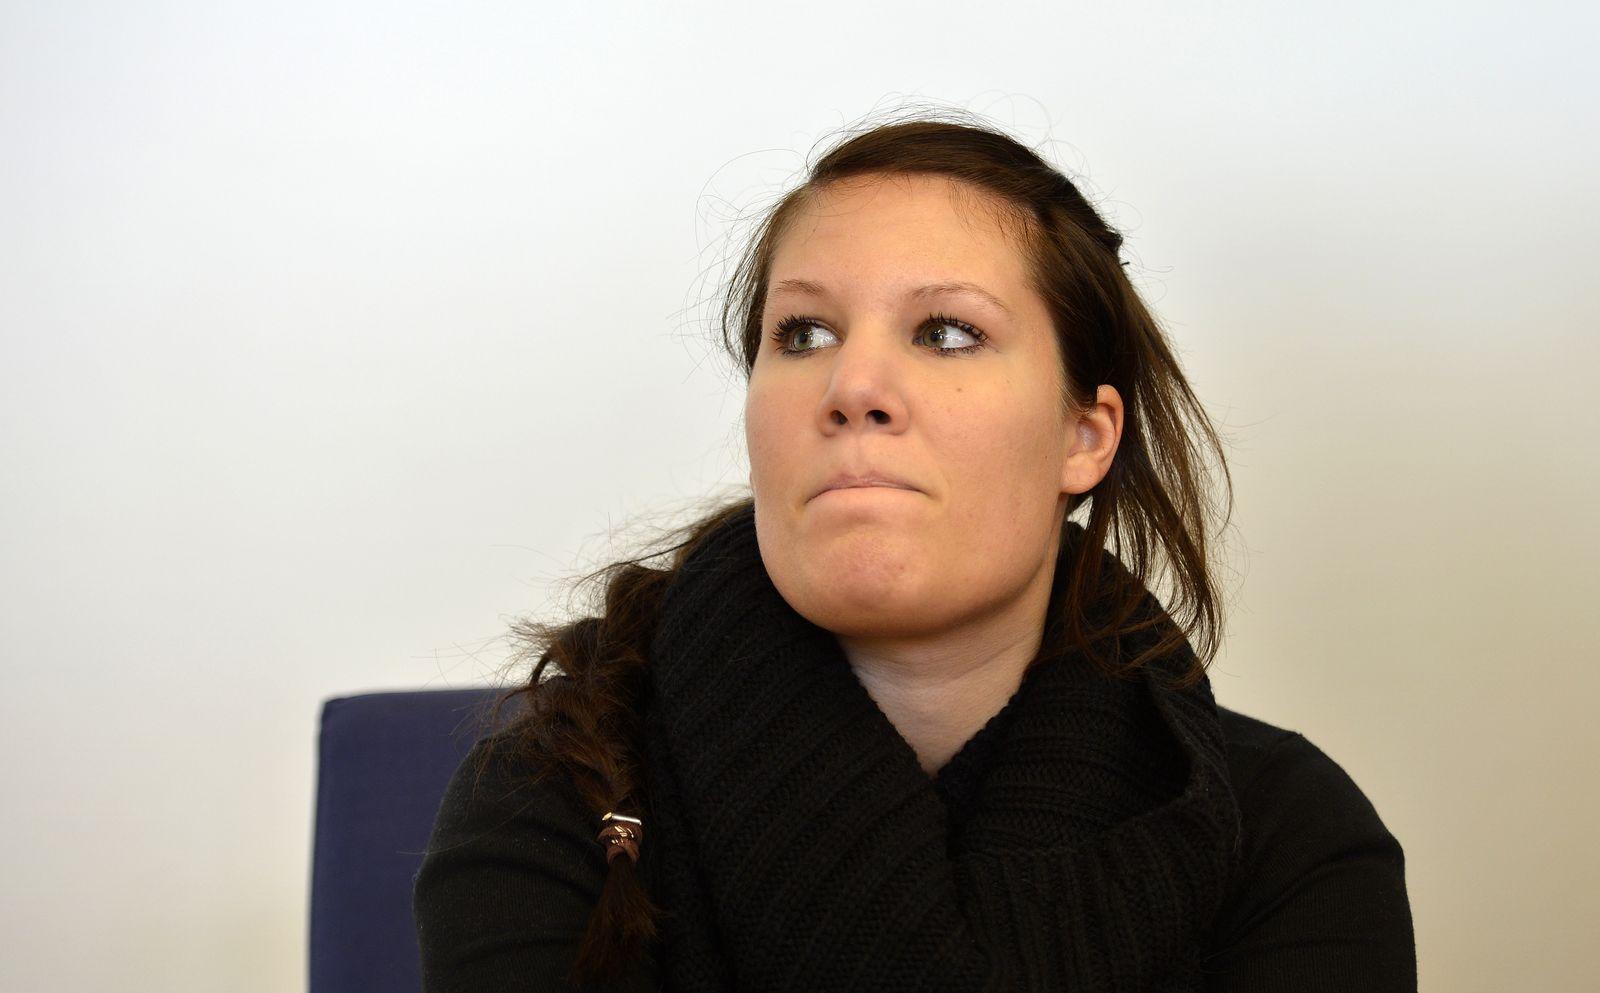 NICHT VERWENDEN Hamm/ Prozess/ Sarah P.